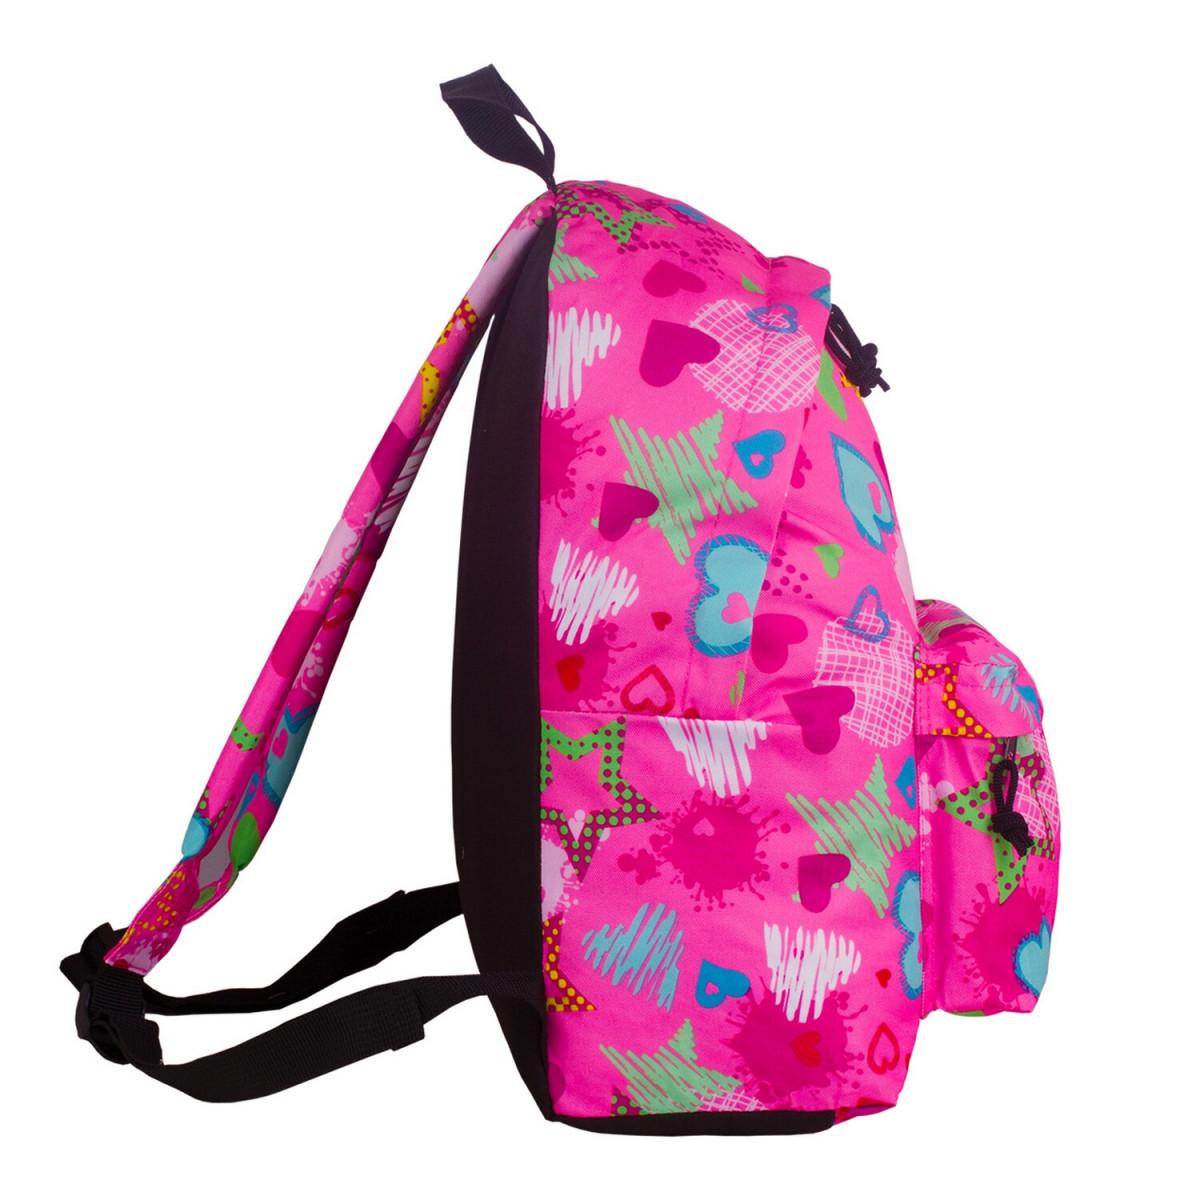 """Рюкзак BRAUBERG универсальный, сити-формат, розовый, """"Мечта"""", 20 литров, 41х32х14 см, 226408 (арт. 226408)"""